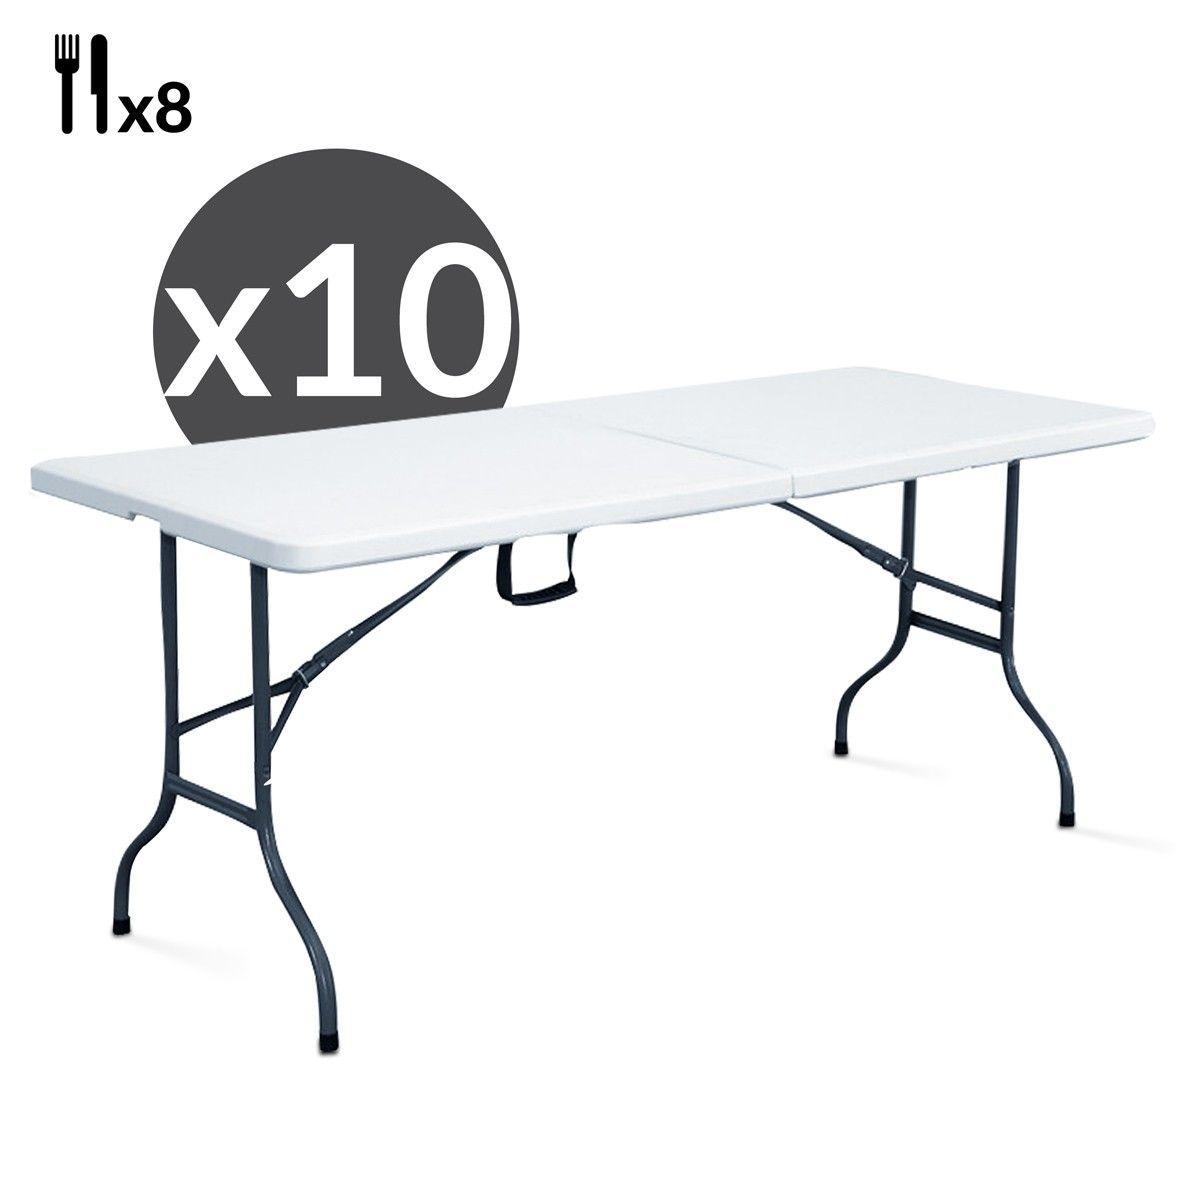 TailleTaille Tables De Pliantes 10 Lot Places 180cm 8 qVpUSzM